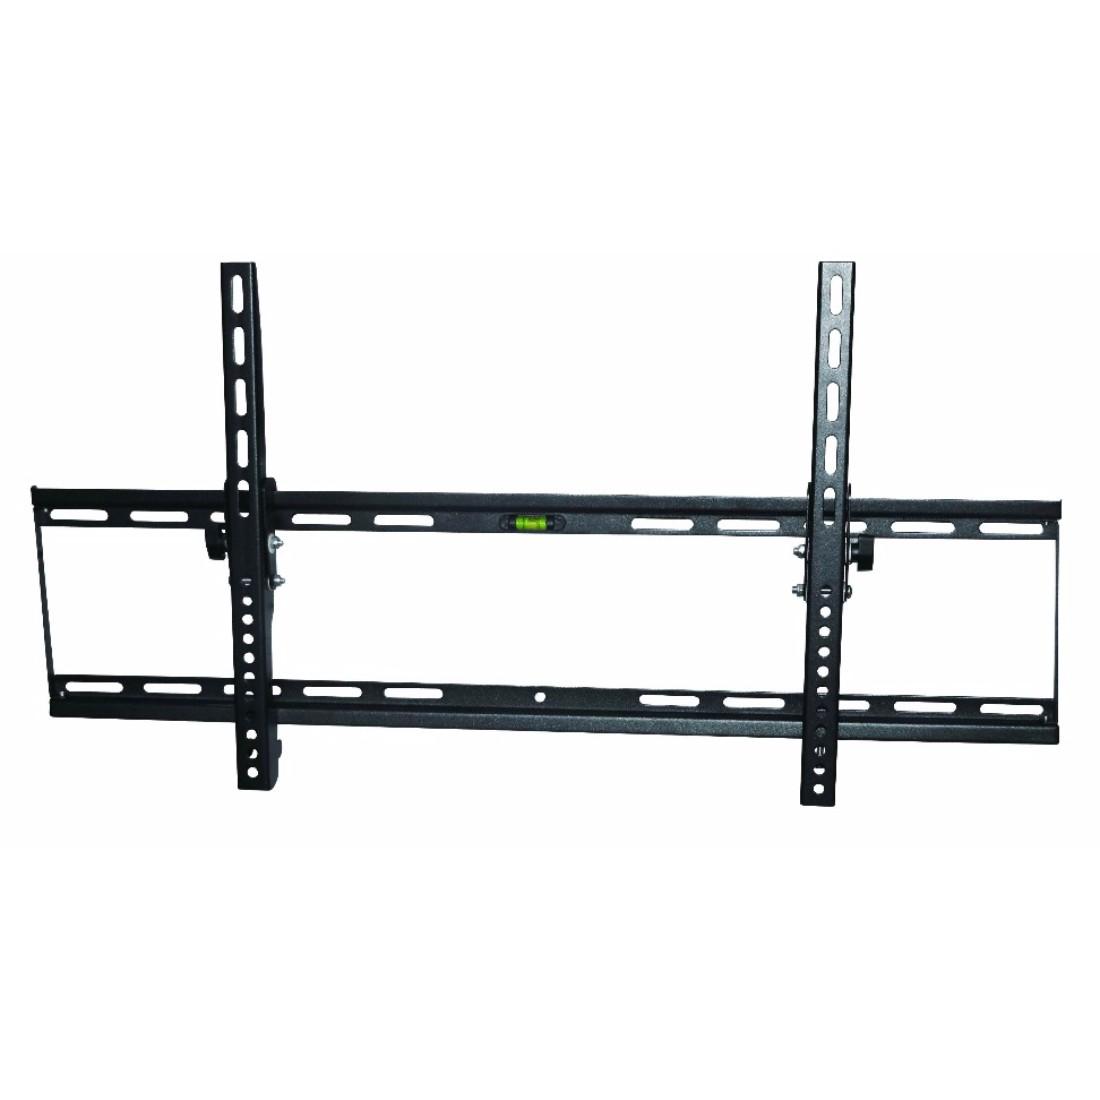 slx 37 u0026quot  - 63 u0026quot  tv wall mount - adjustable tilt